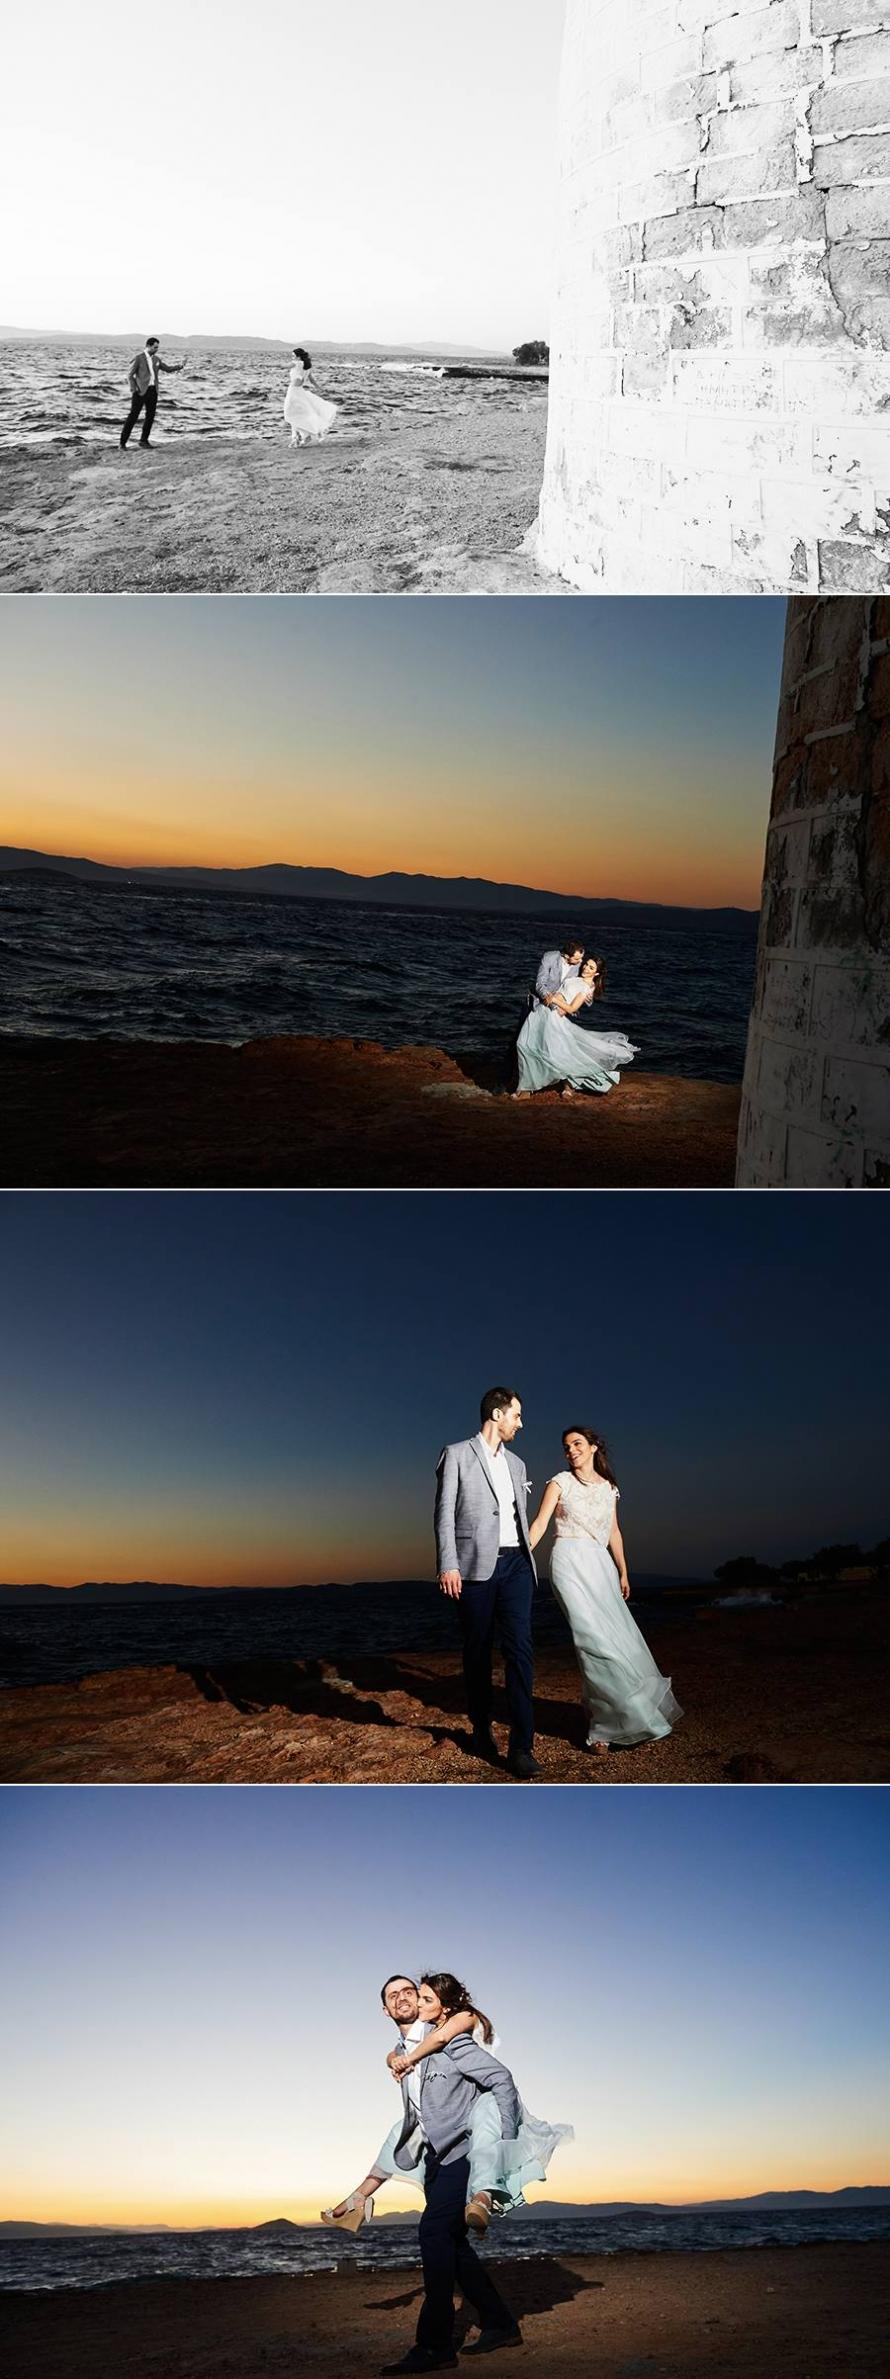 Batman Bride wedding photos016